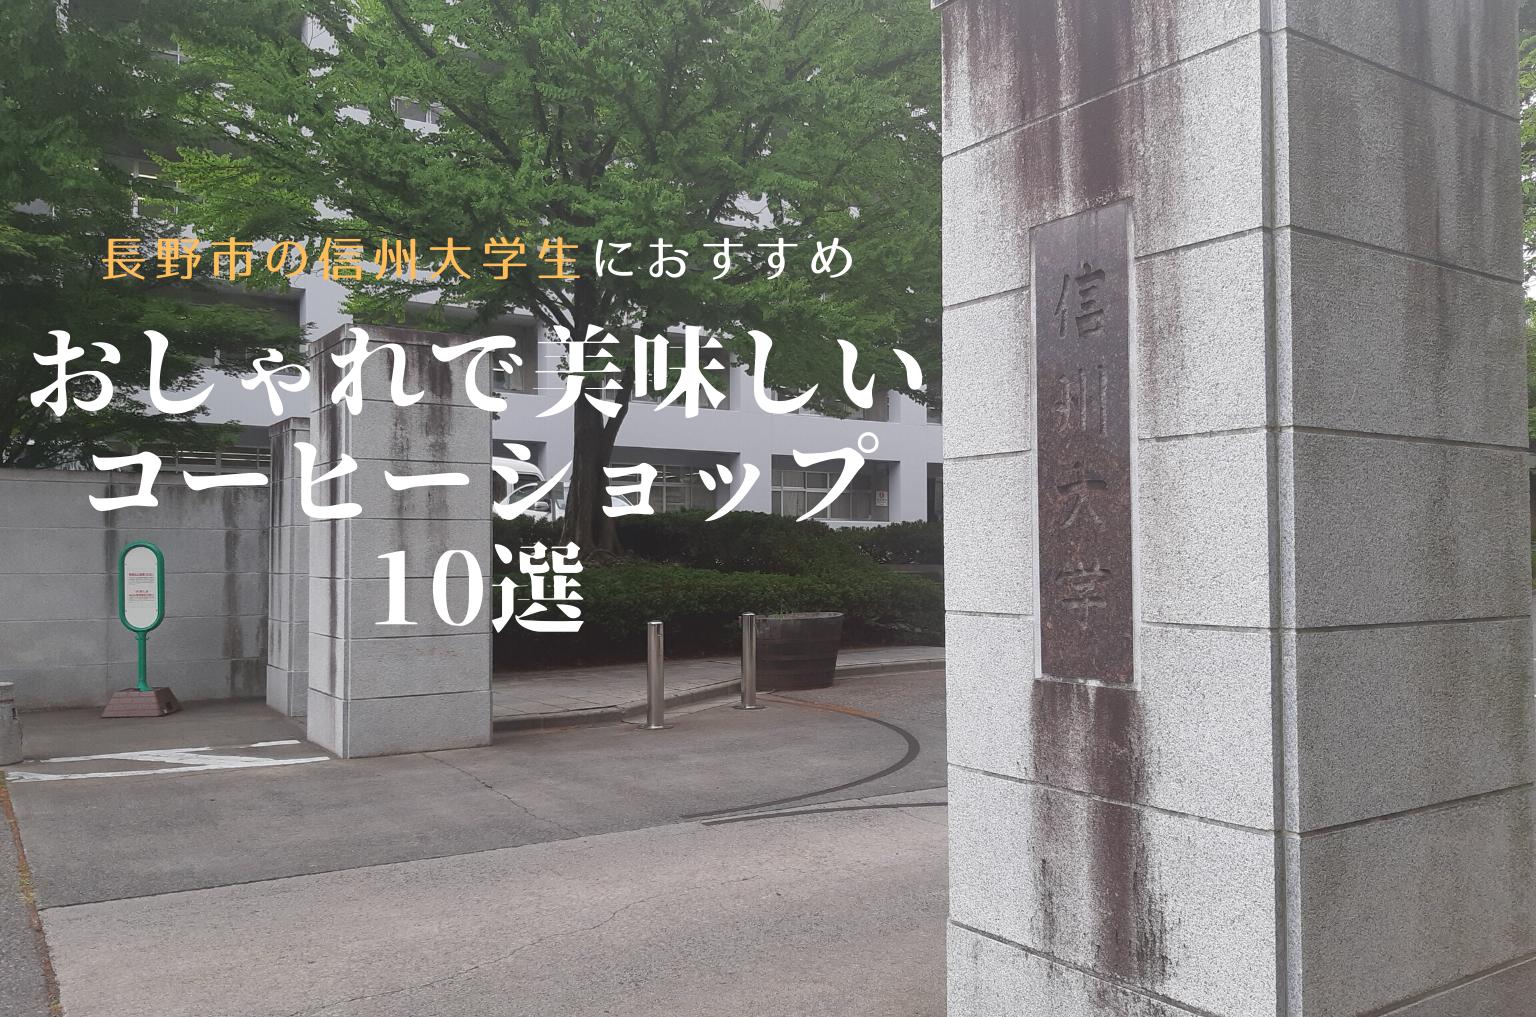 【長野市の信州大学生におすすめ】おしゃれで美味しいコーヒーショップ10選!